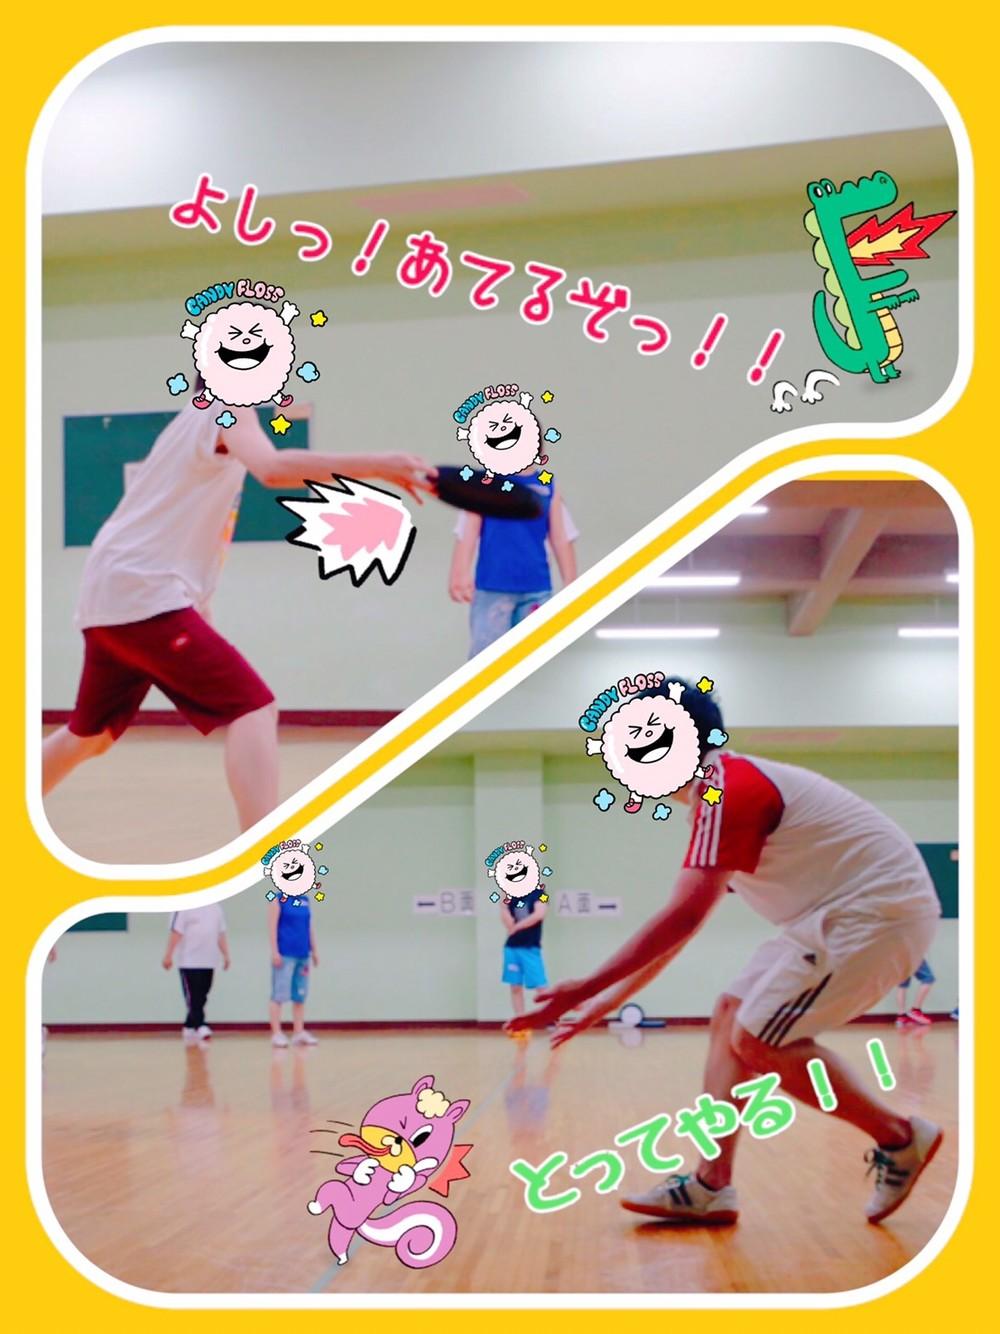 【未経験大歓迎】ドッヂビー!!!…第39回